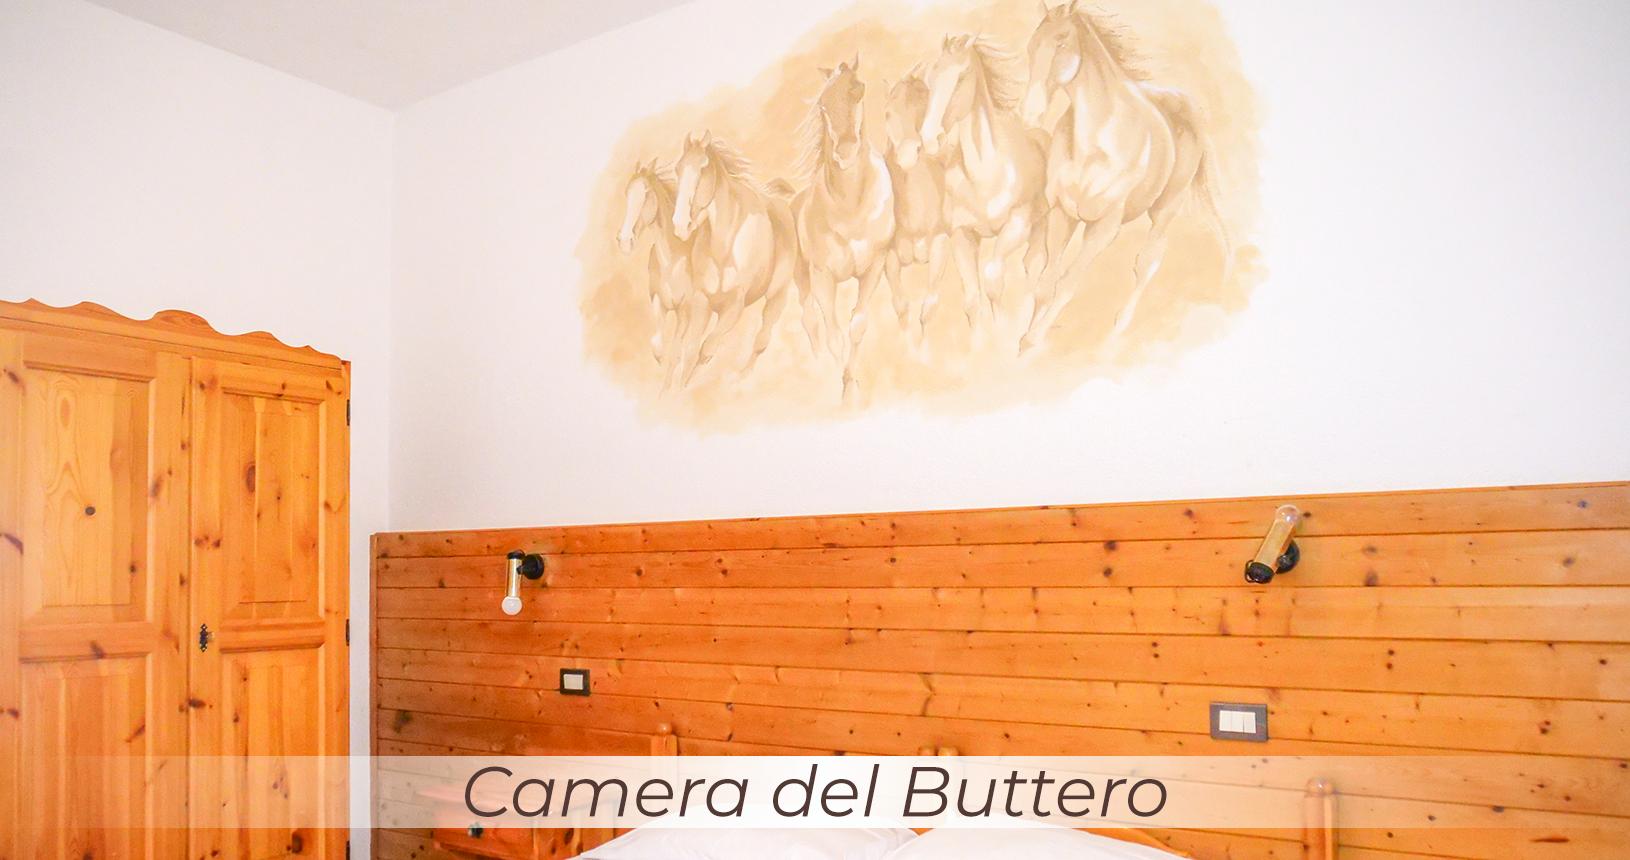 Camera del Buttero